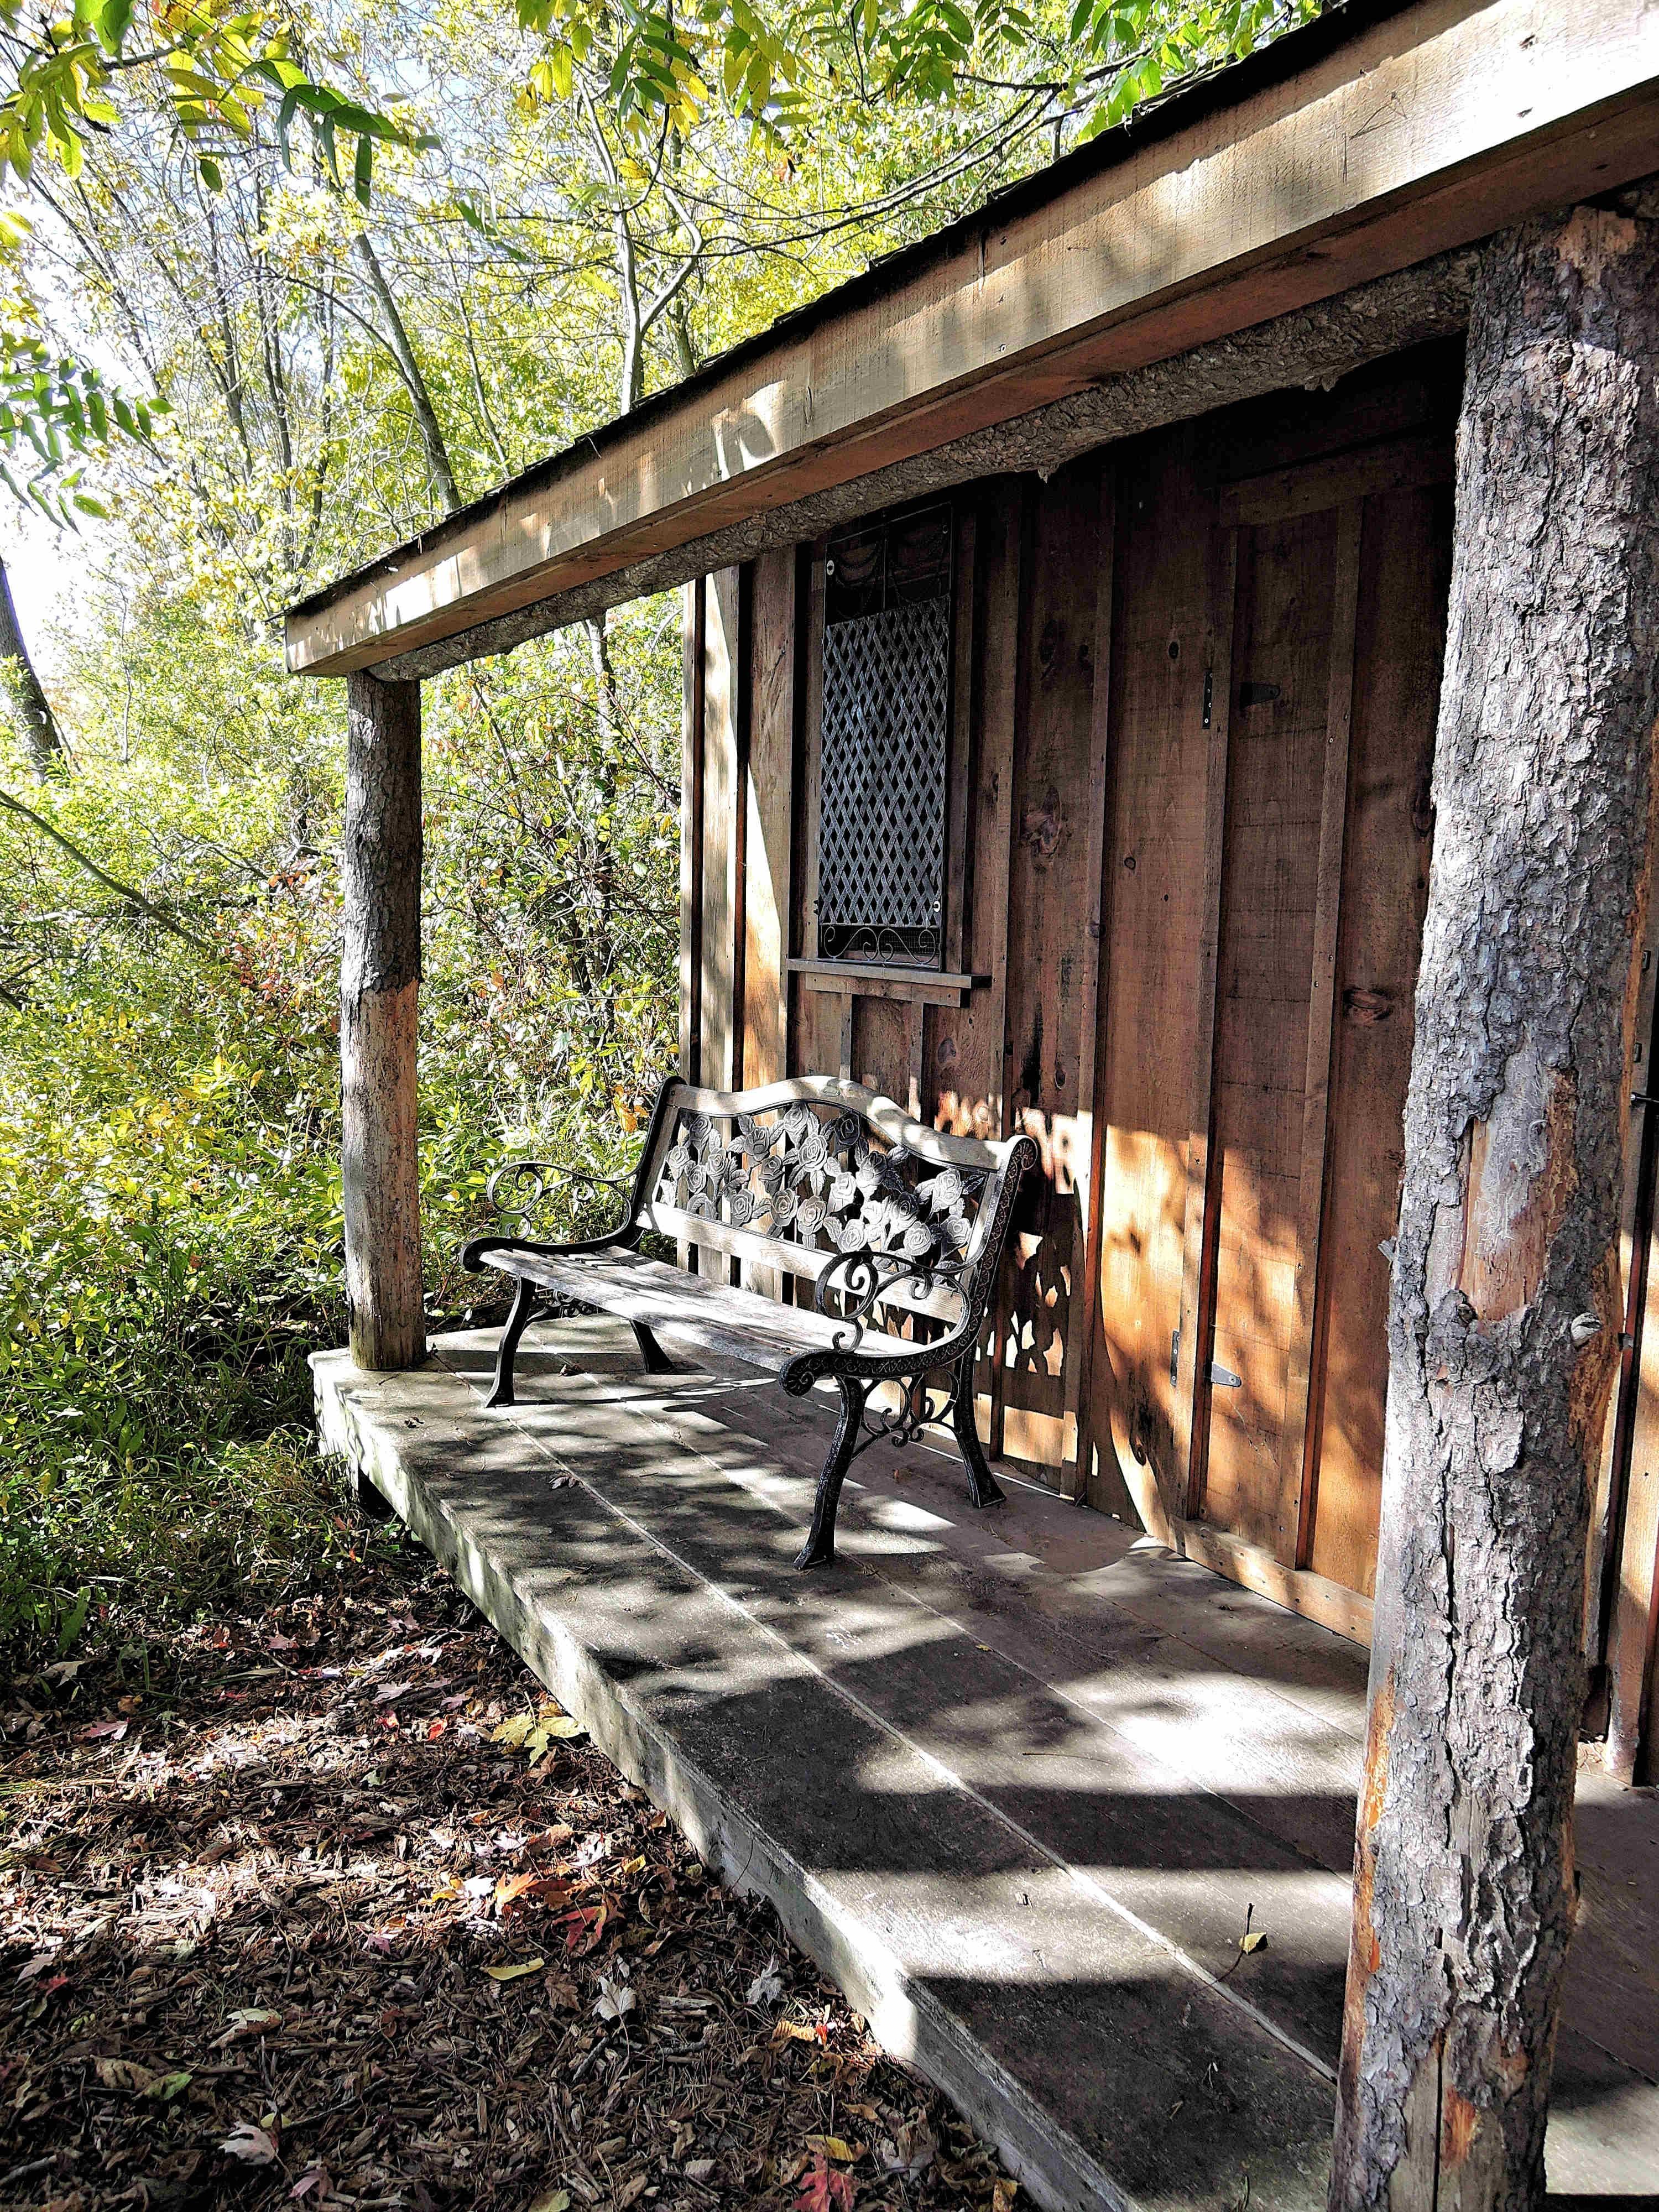 images gratuites la nature maison cabanon porche chalet l 39 automne arri re cour canada. Black Bedroom Furniture Sets. Home Design Ideas